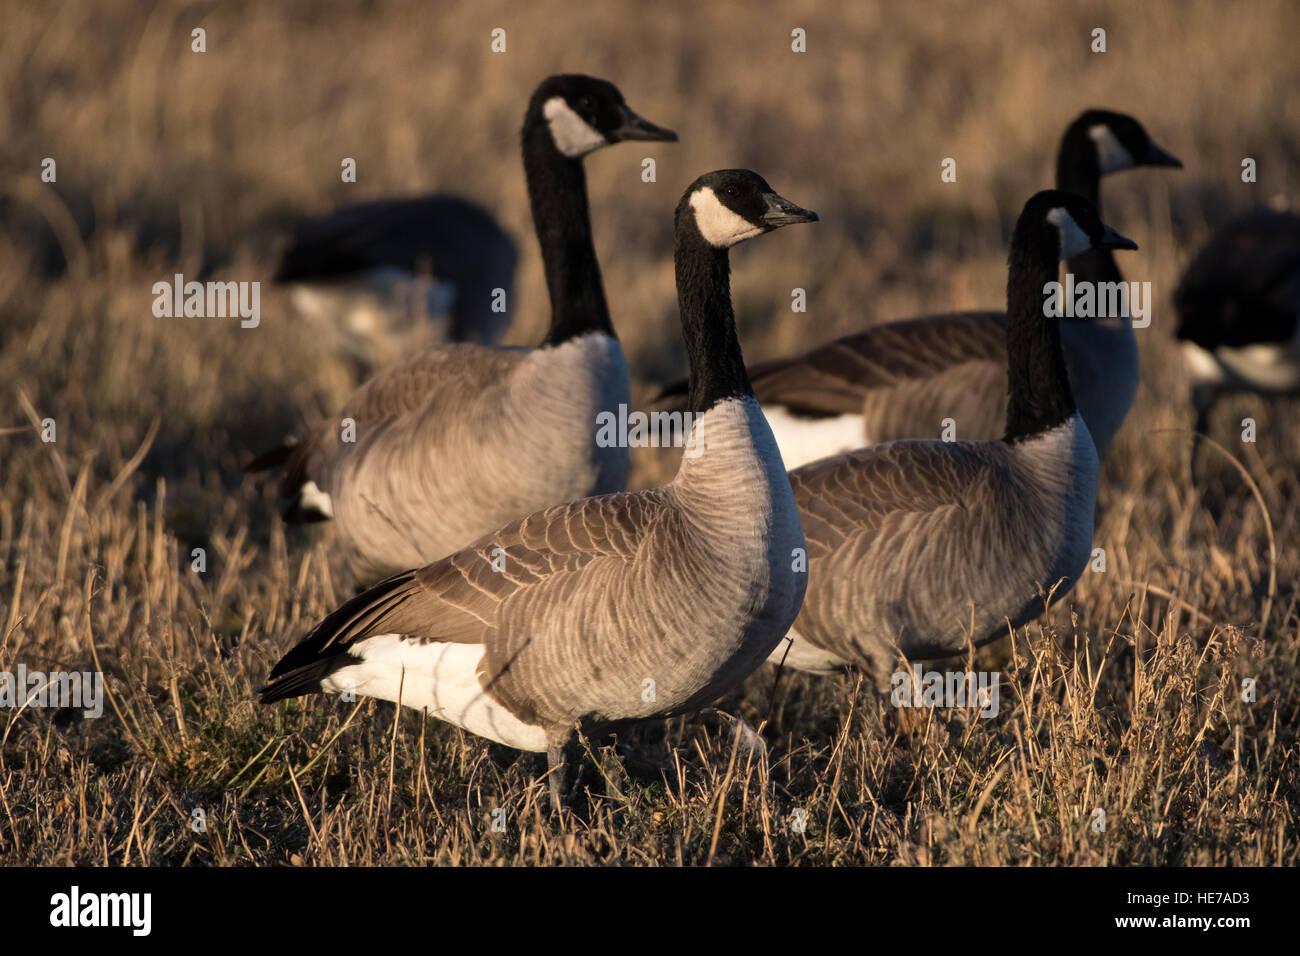 Canada Geese, (Branta canadensis), Los Poblanos Open Space, Albuquerque, New Mexico, USA. - Stock Image